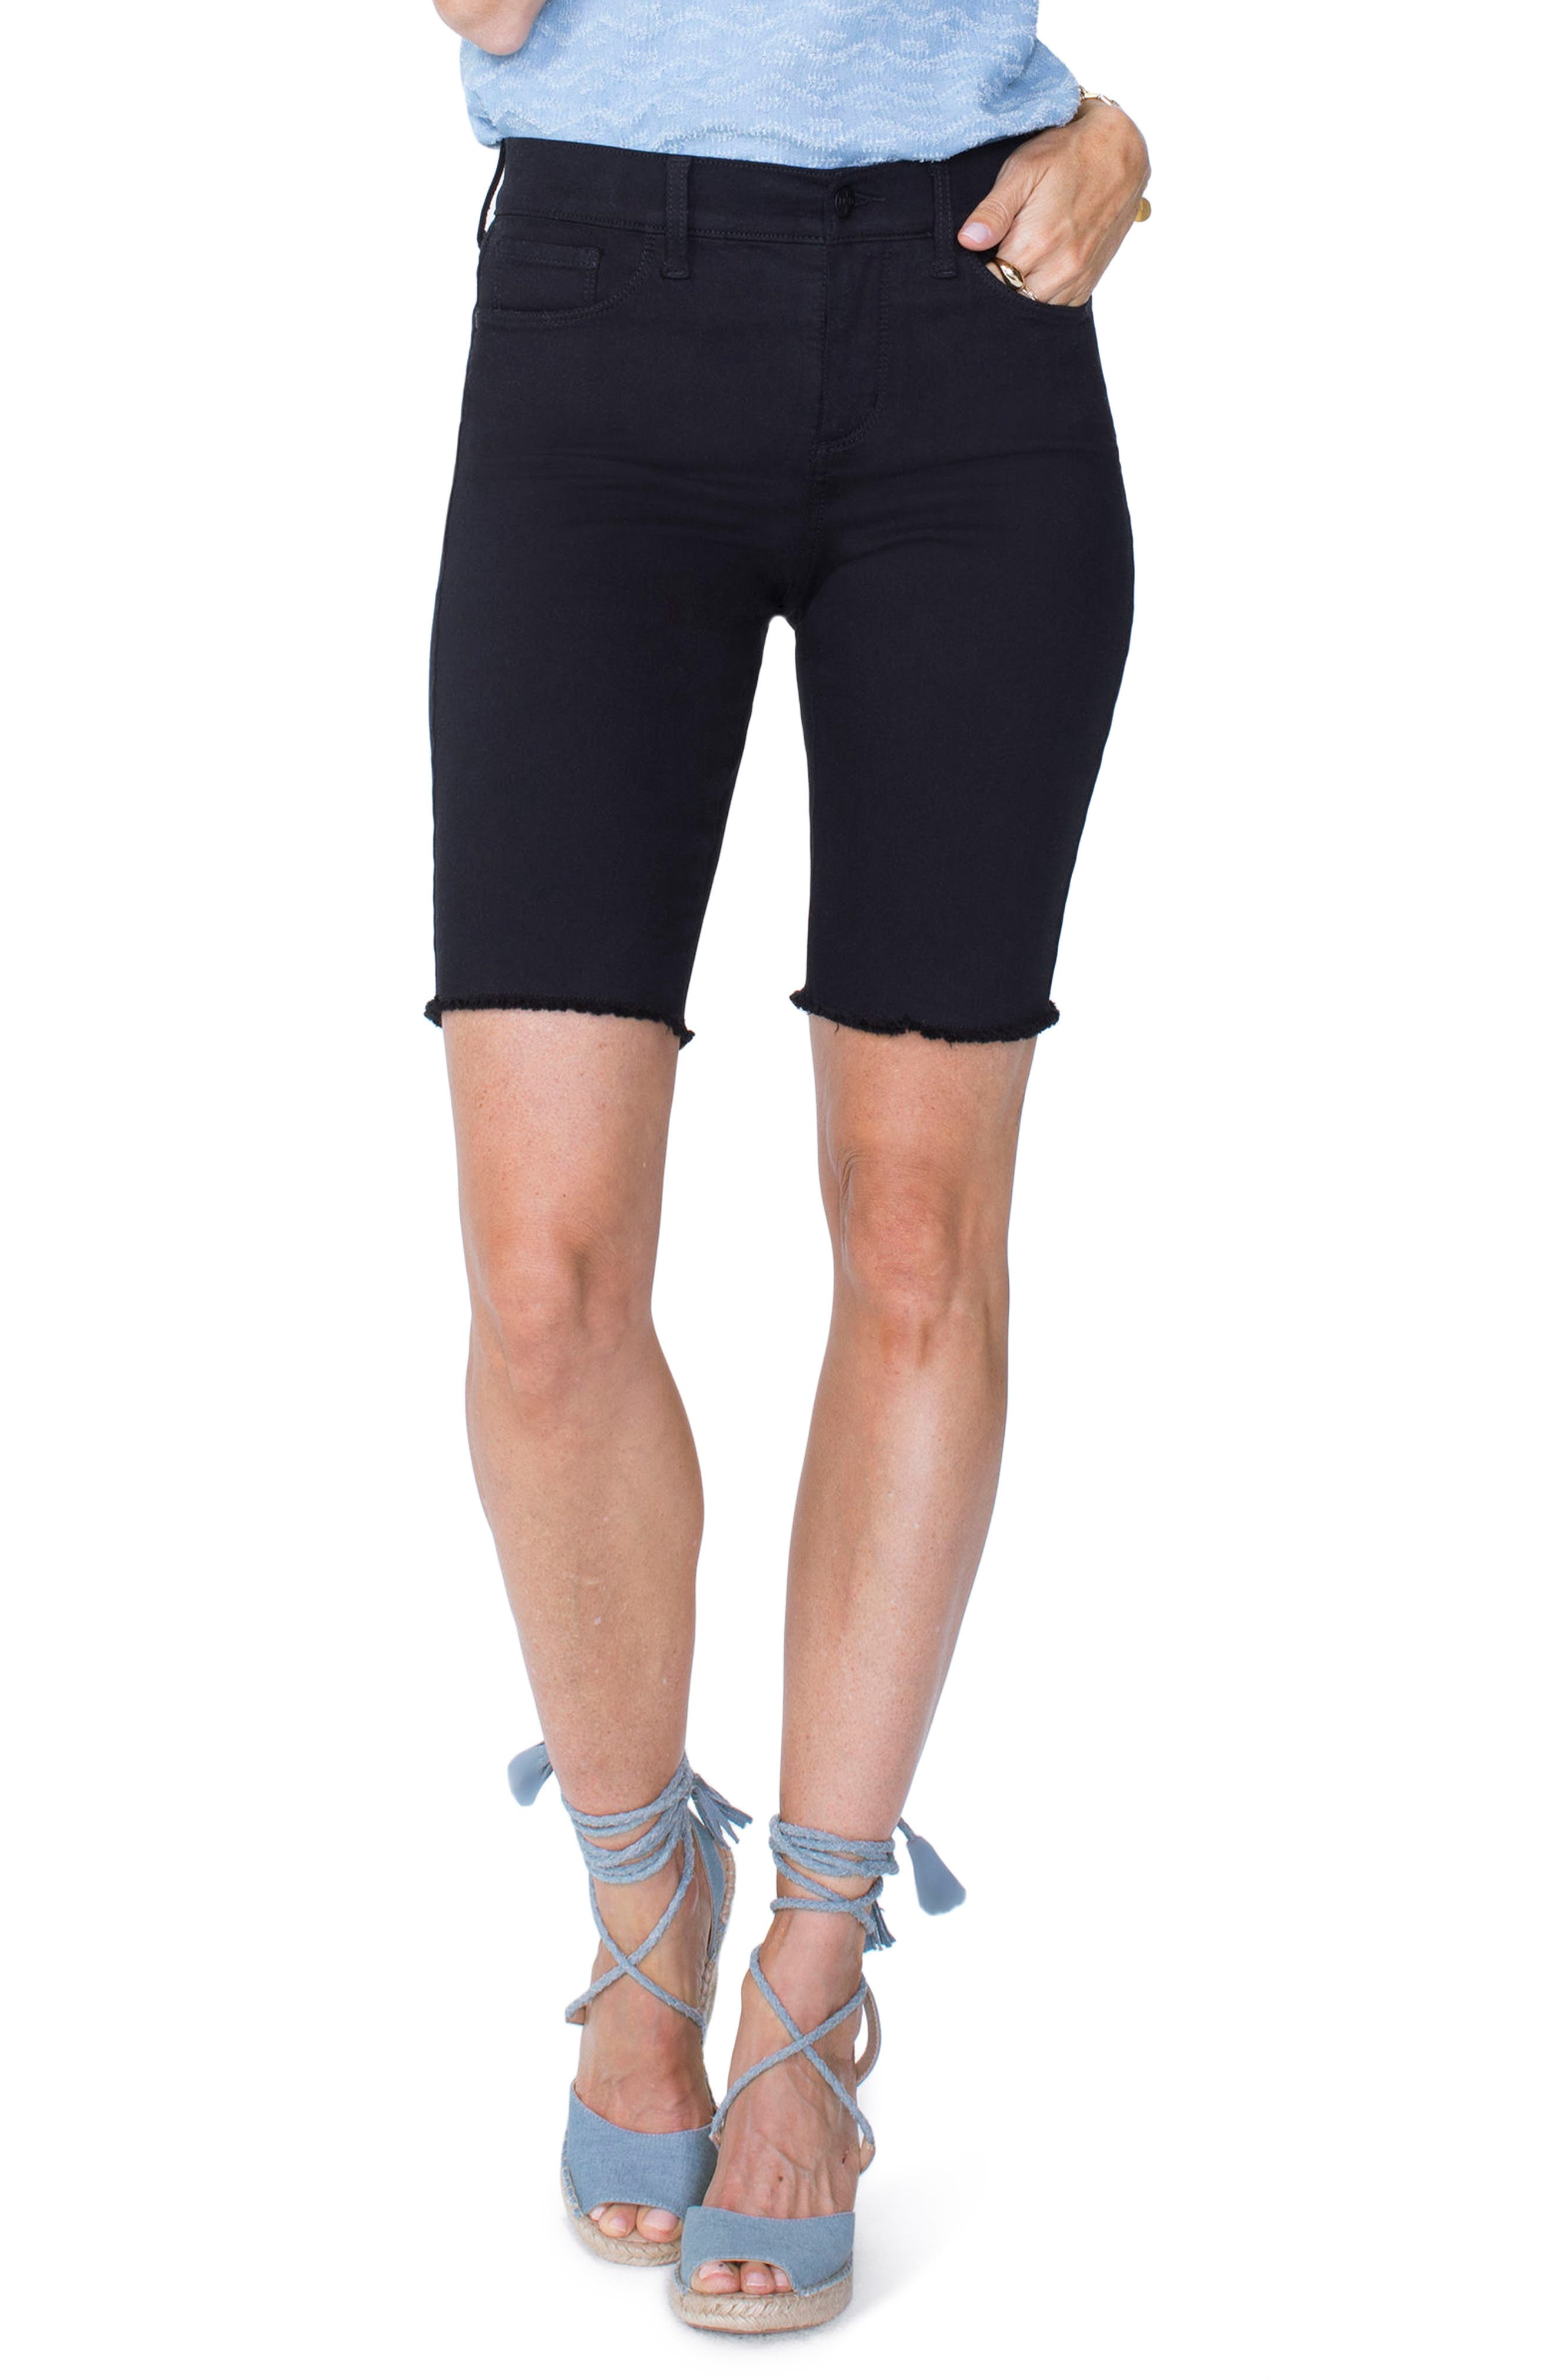 Briella Frayed Hem Bermuda Shorts,                             Main thumbnail 1, color,                             001